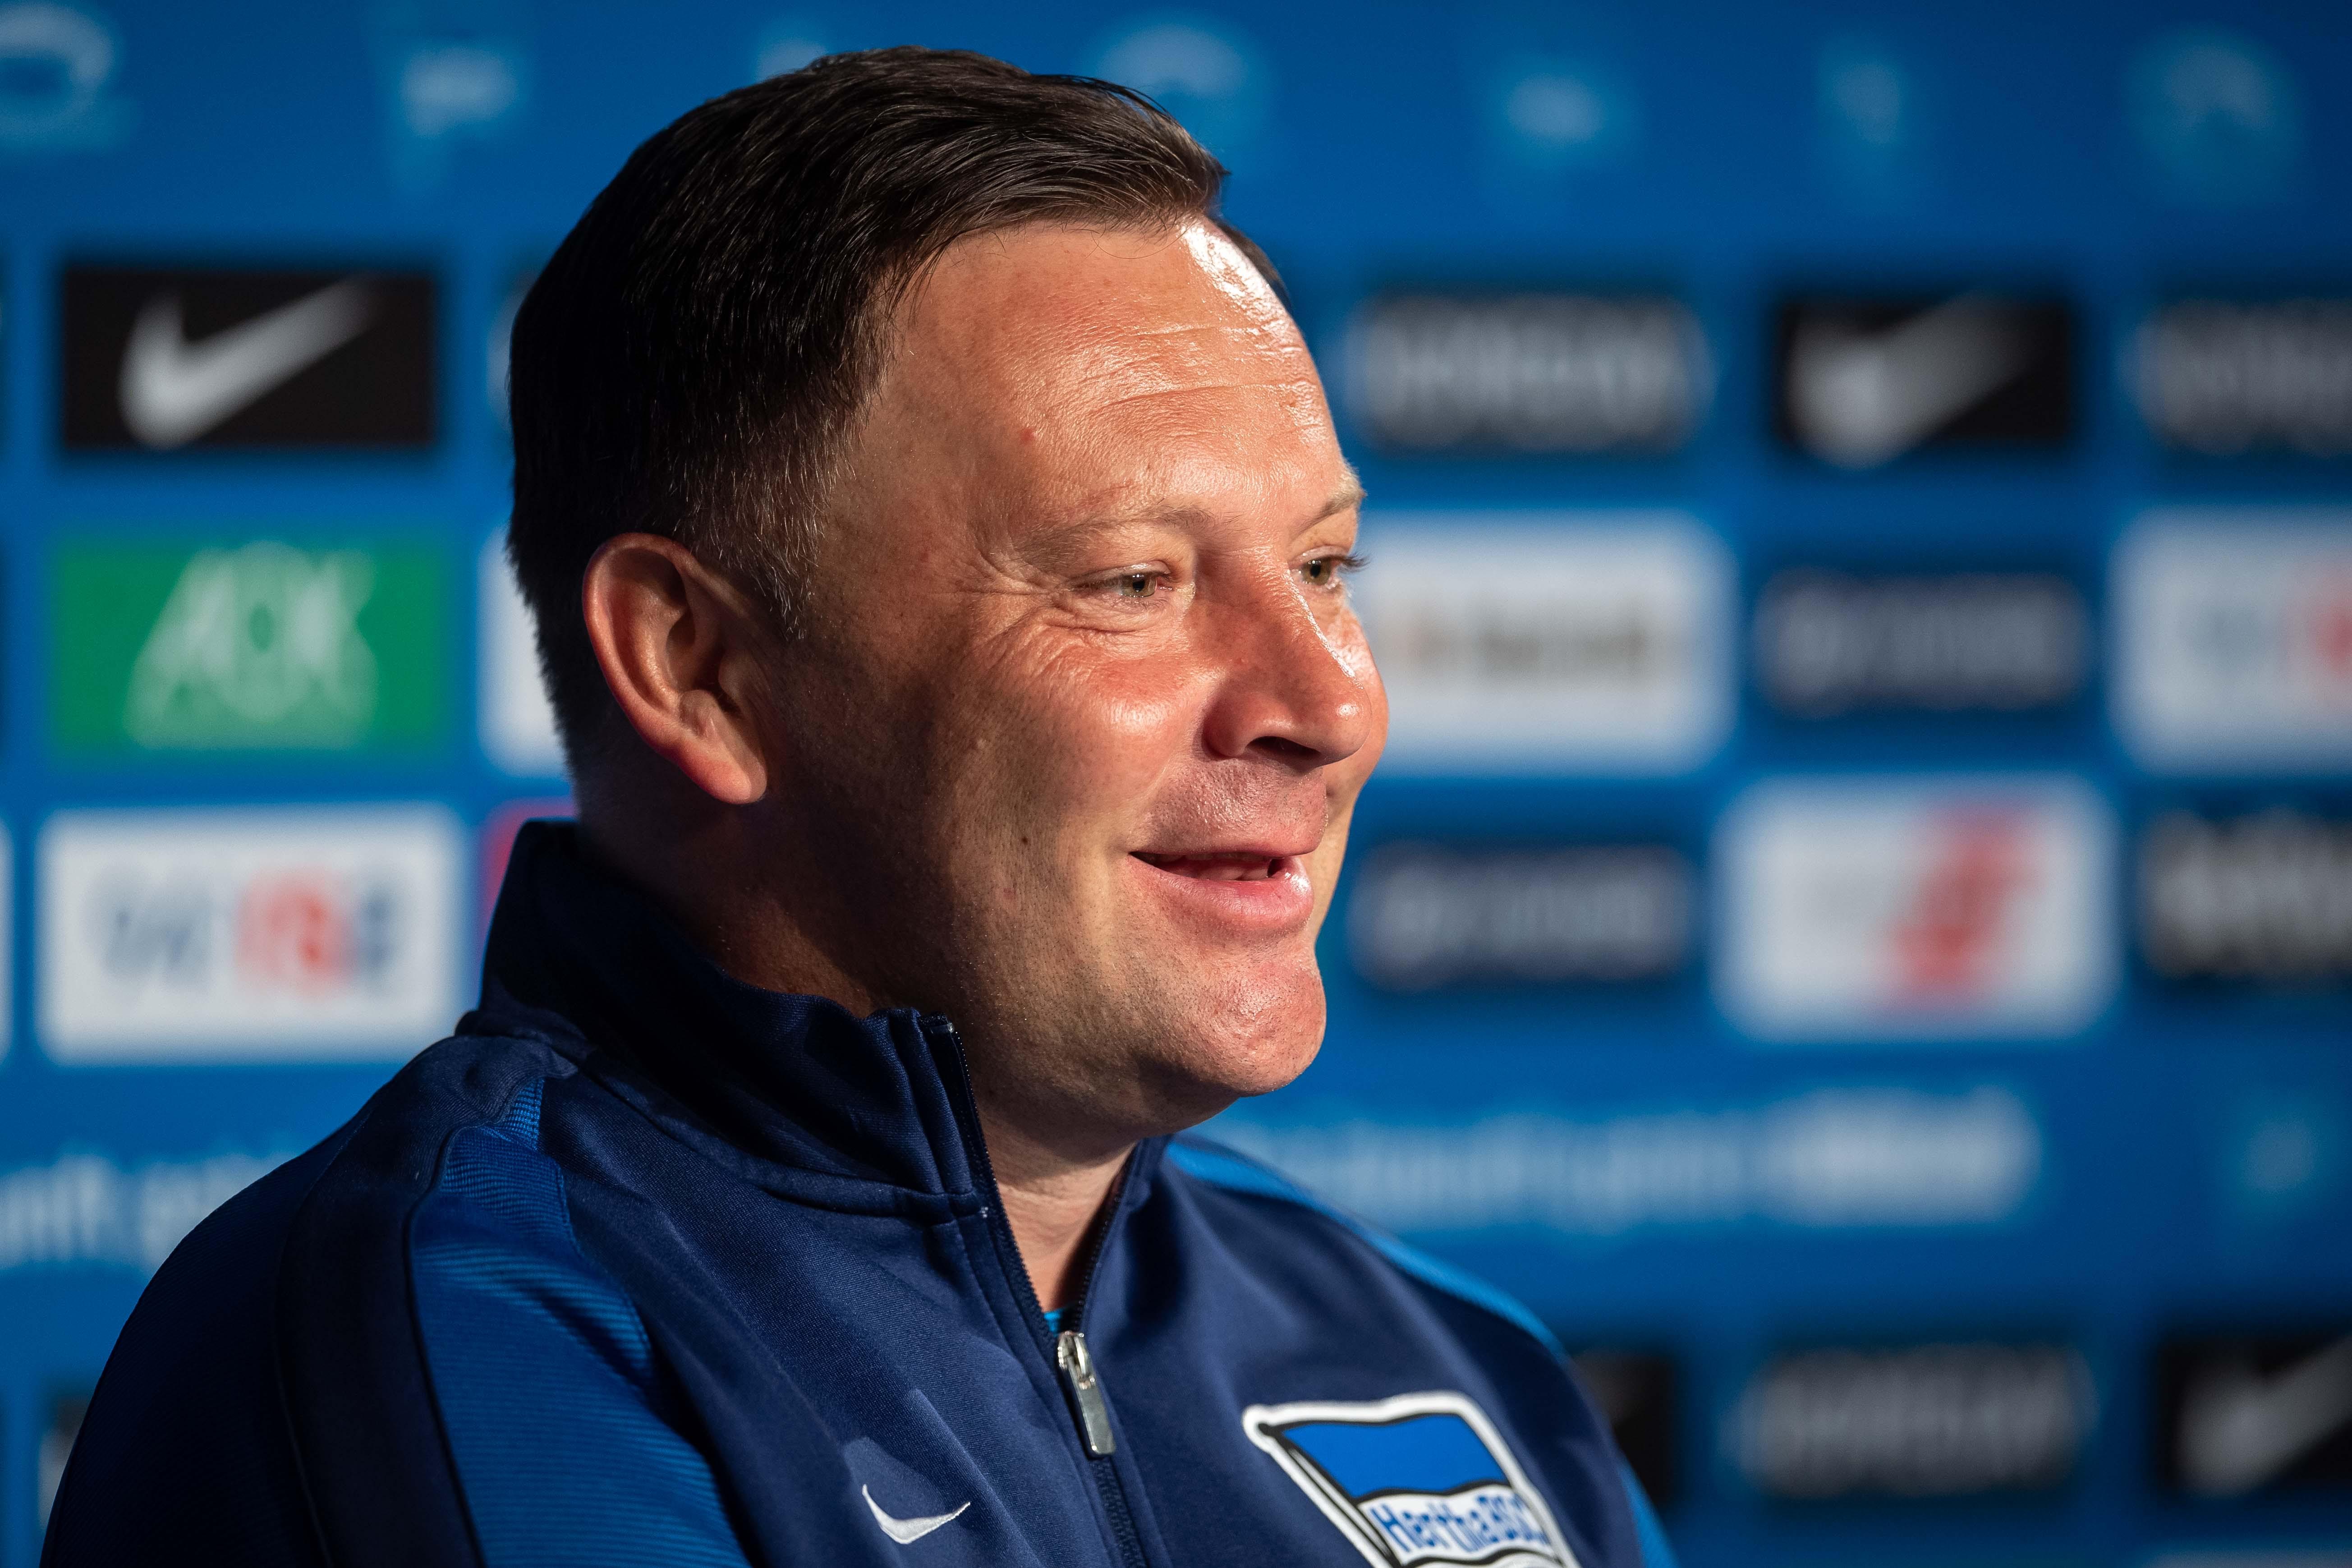 Pál Dárdai freut sich auf der Pressekonferenz nach dem Spiel gegen Freiburg.